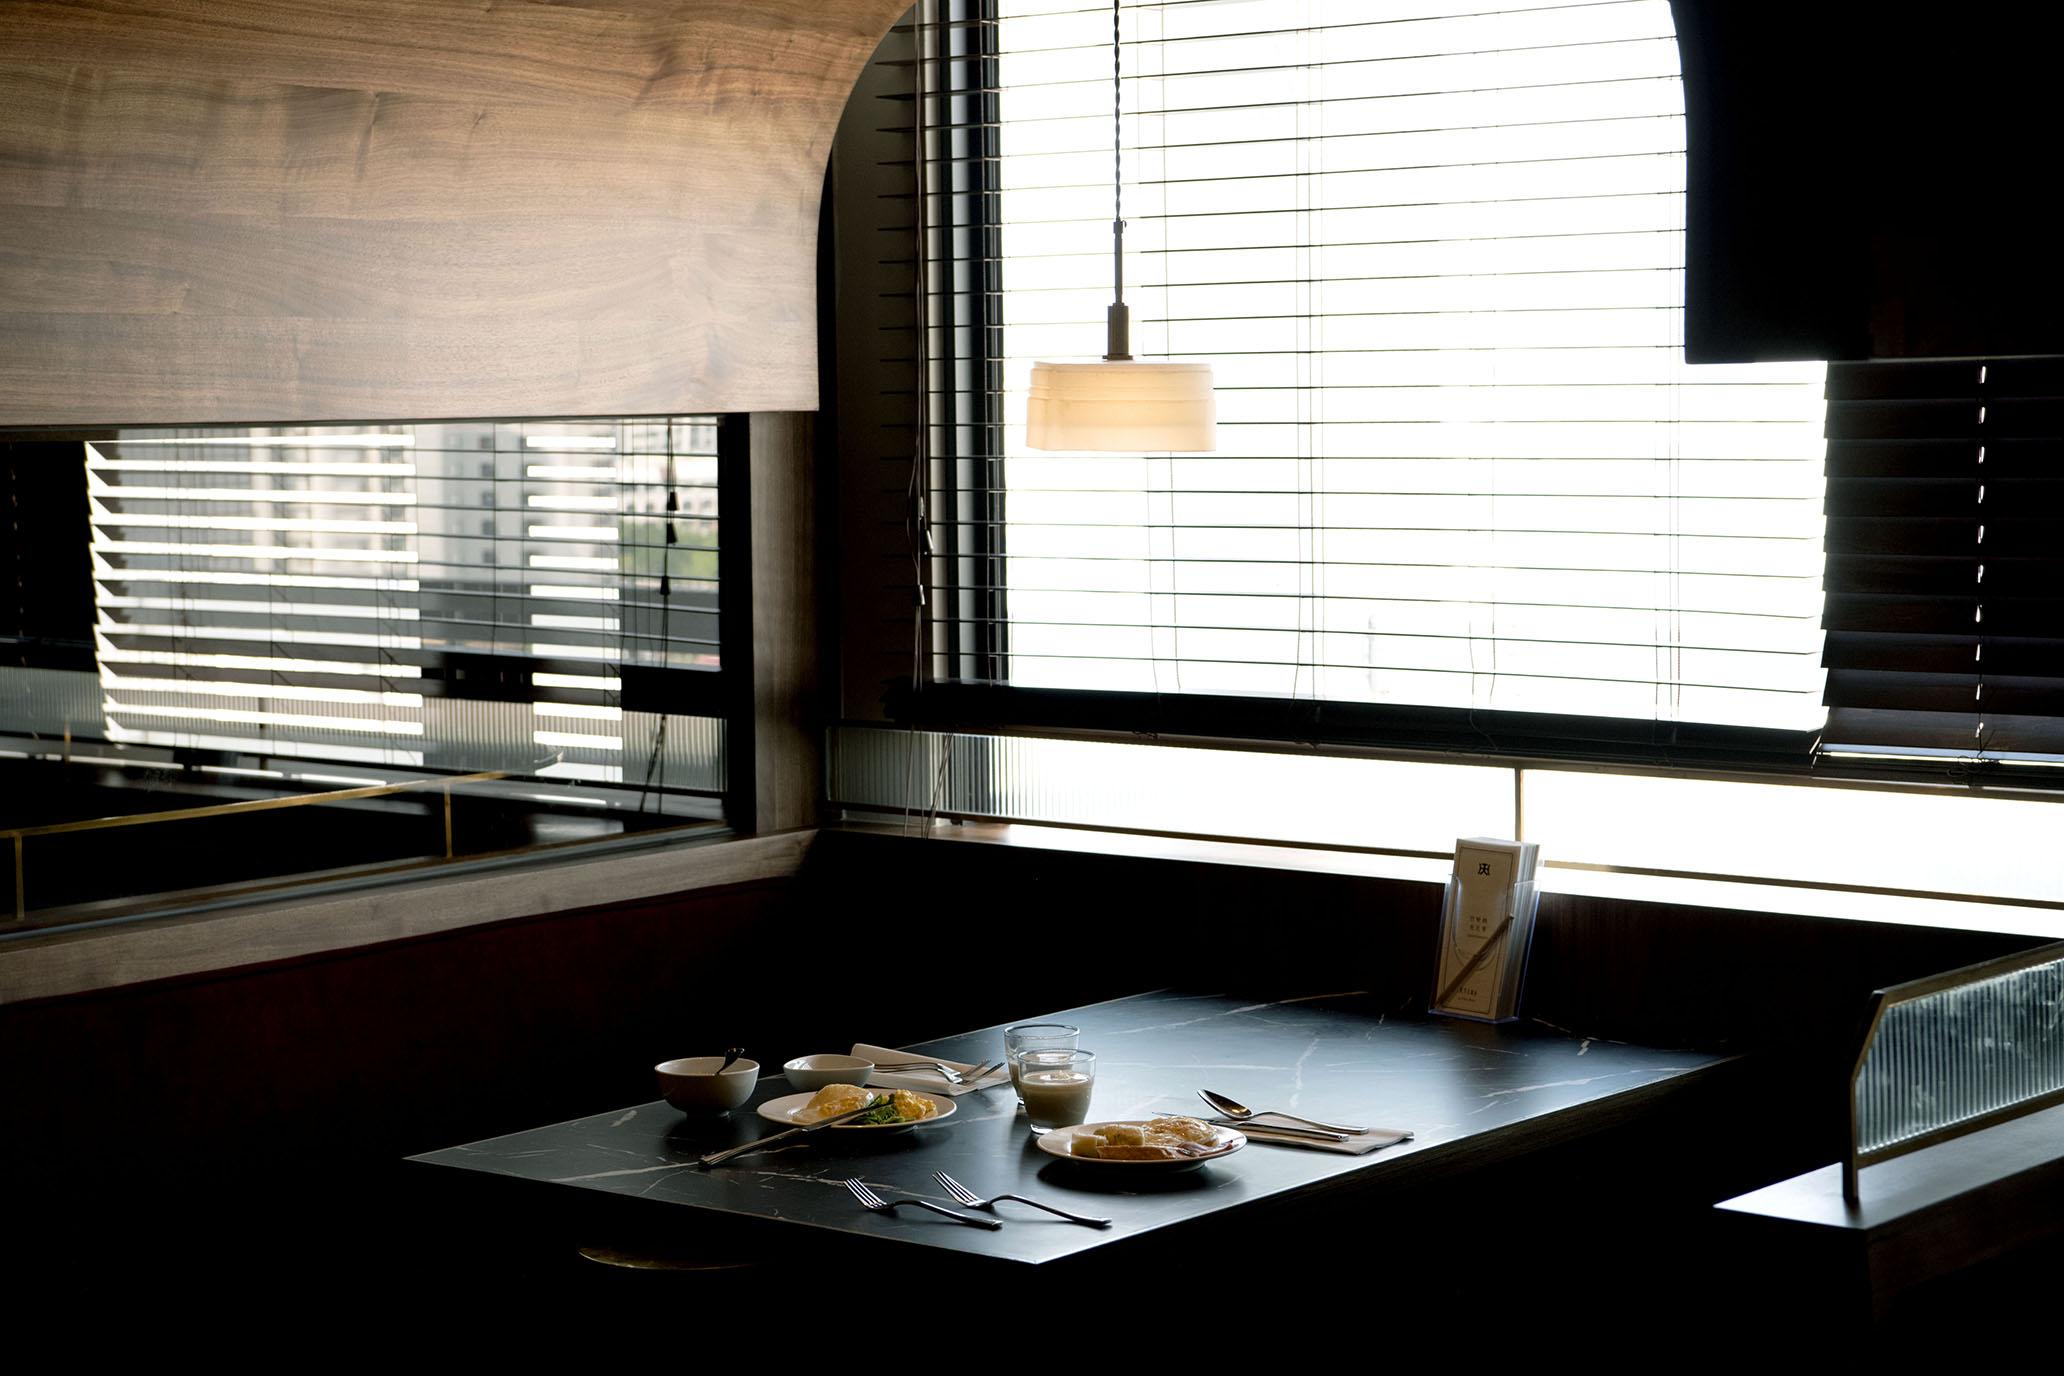 台南天下飯店